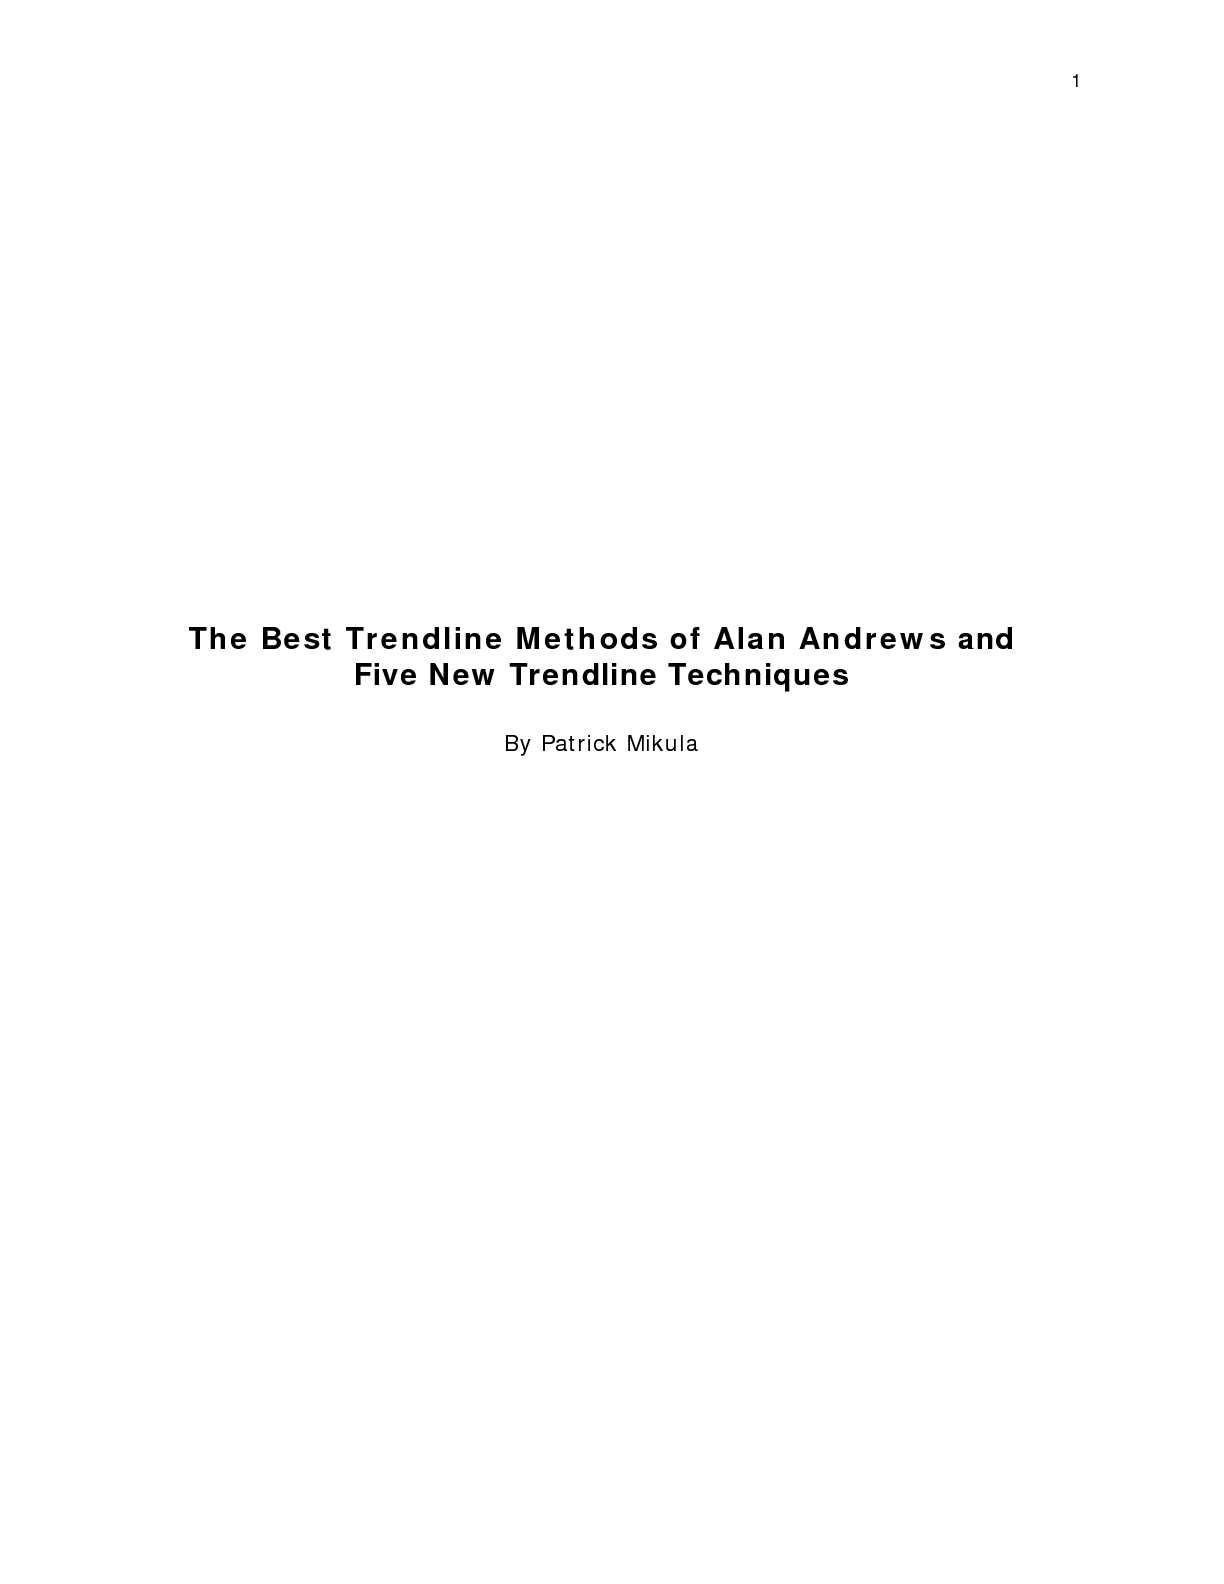 alan trendline metodes